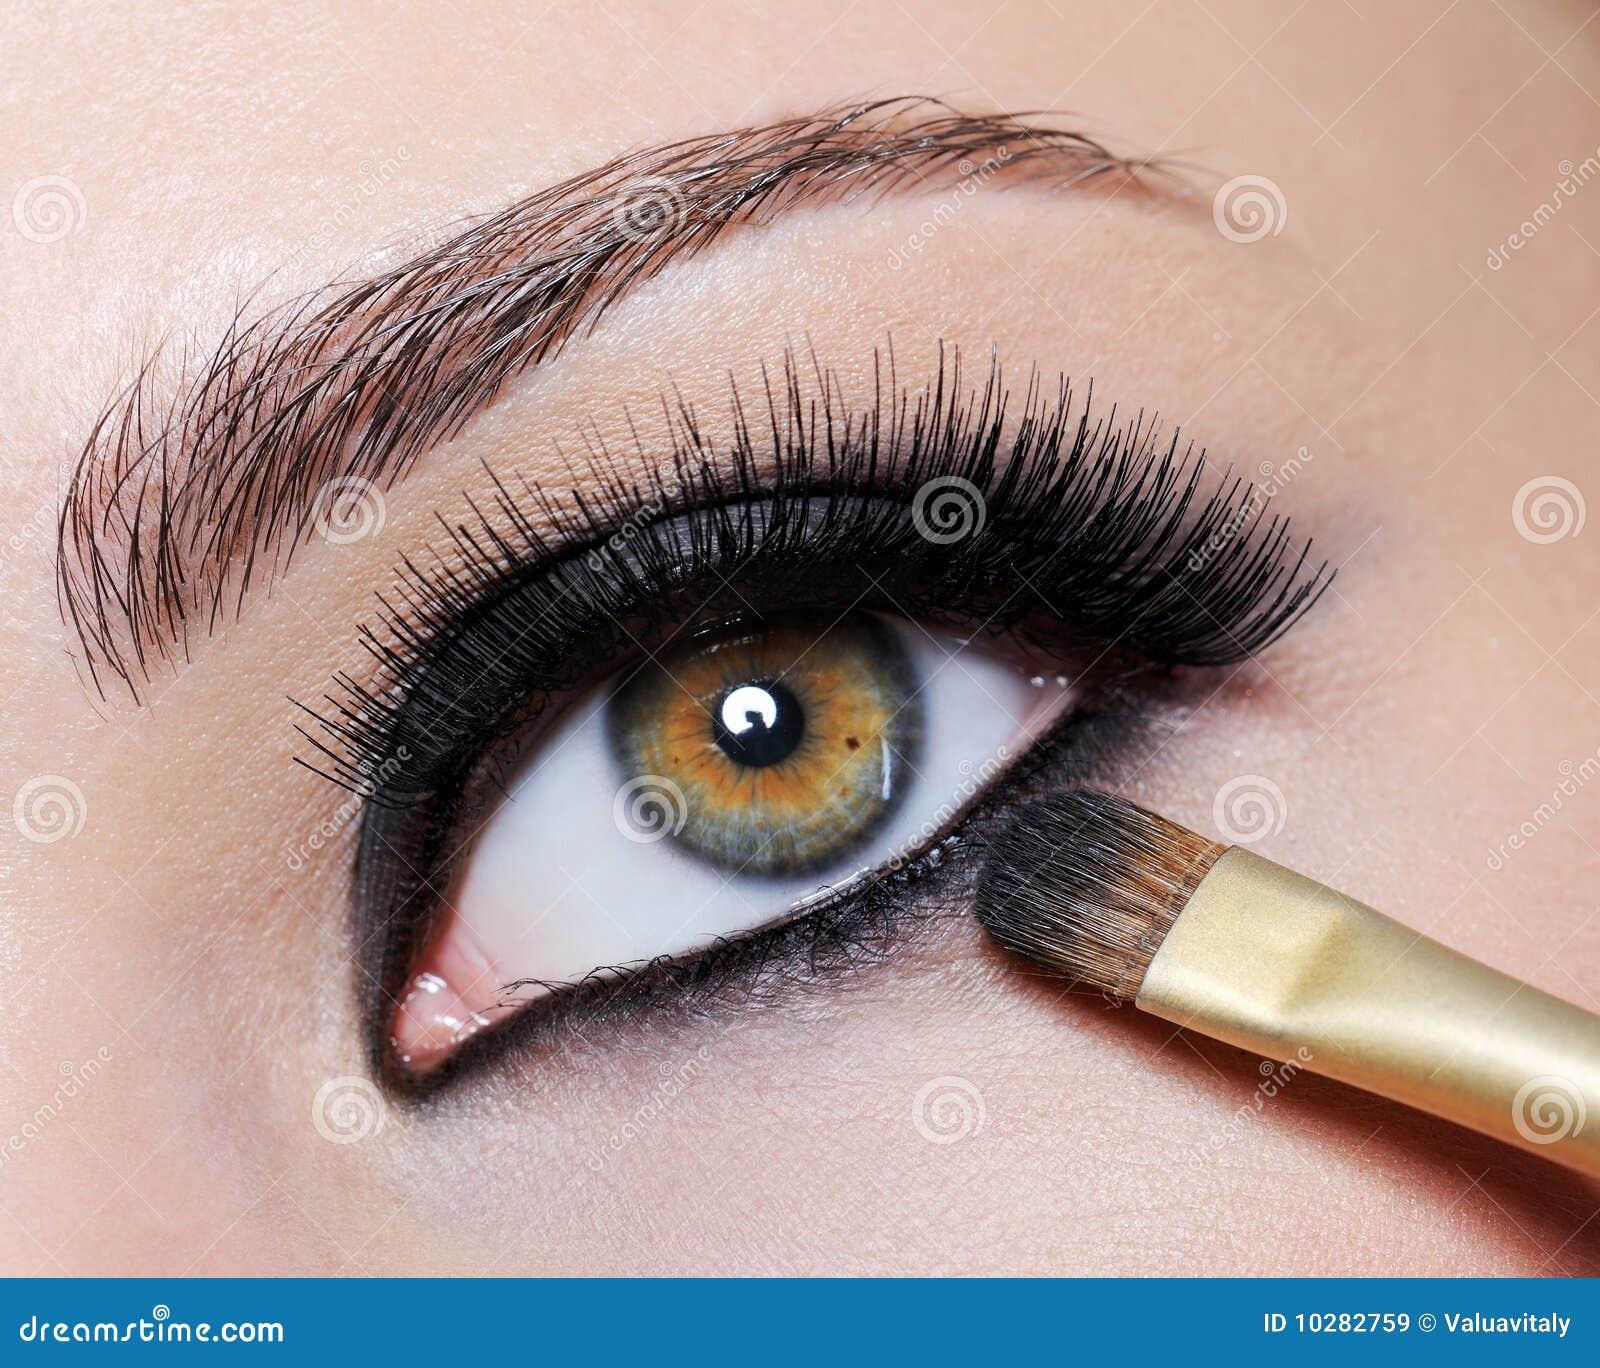 Bright black eye make-up